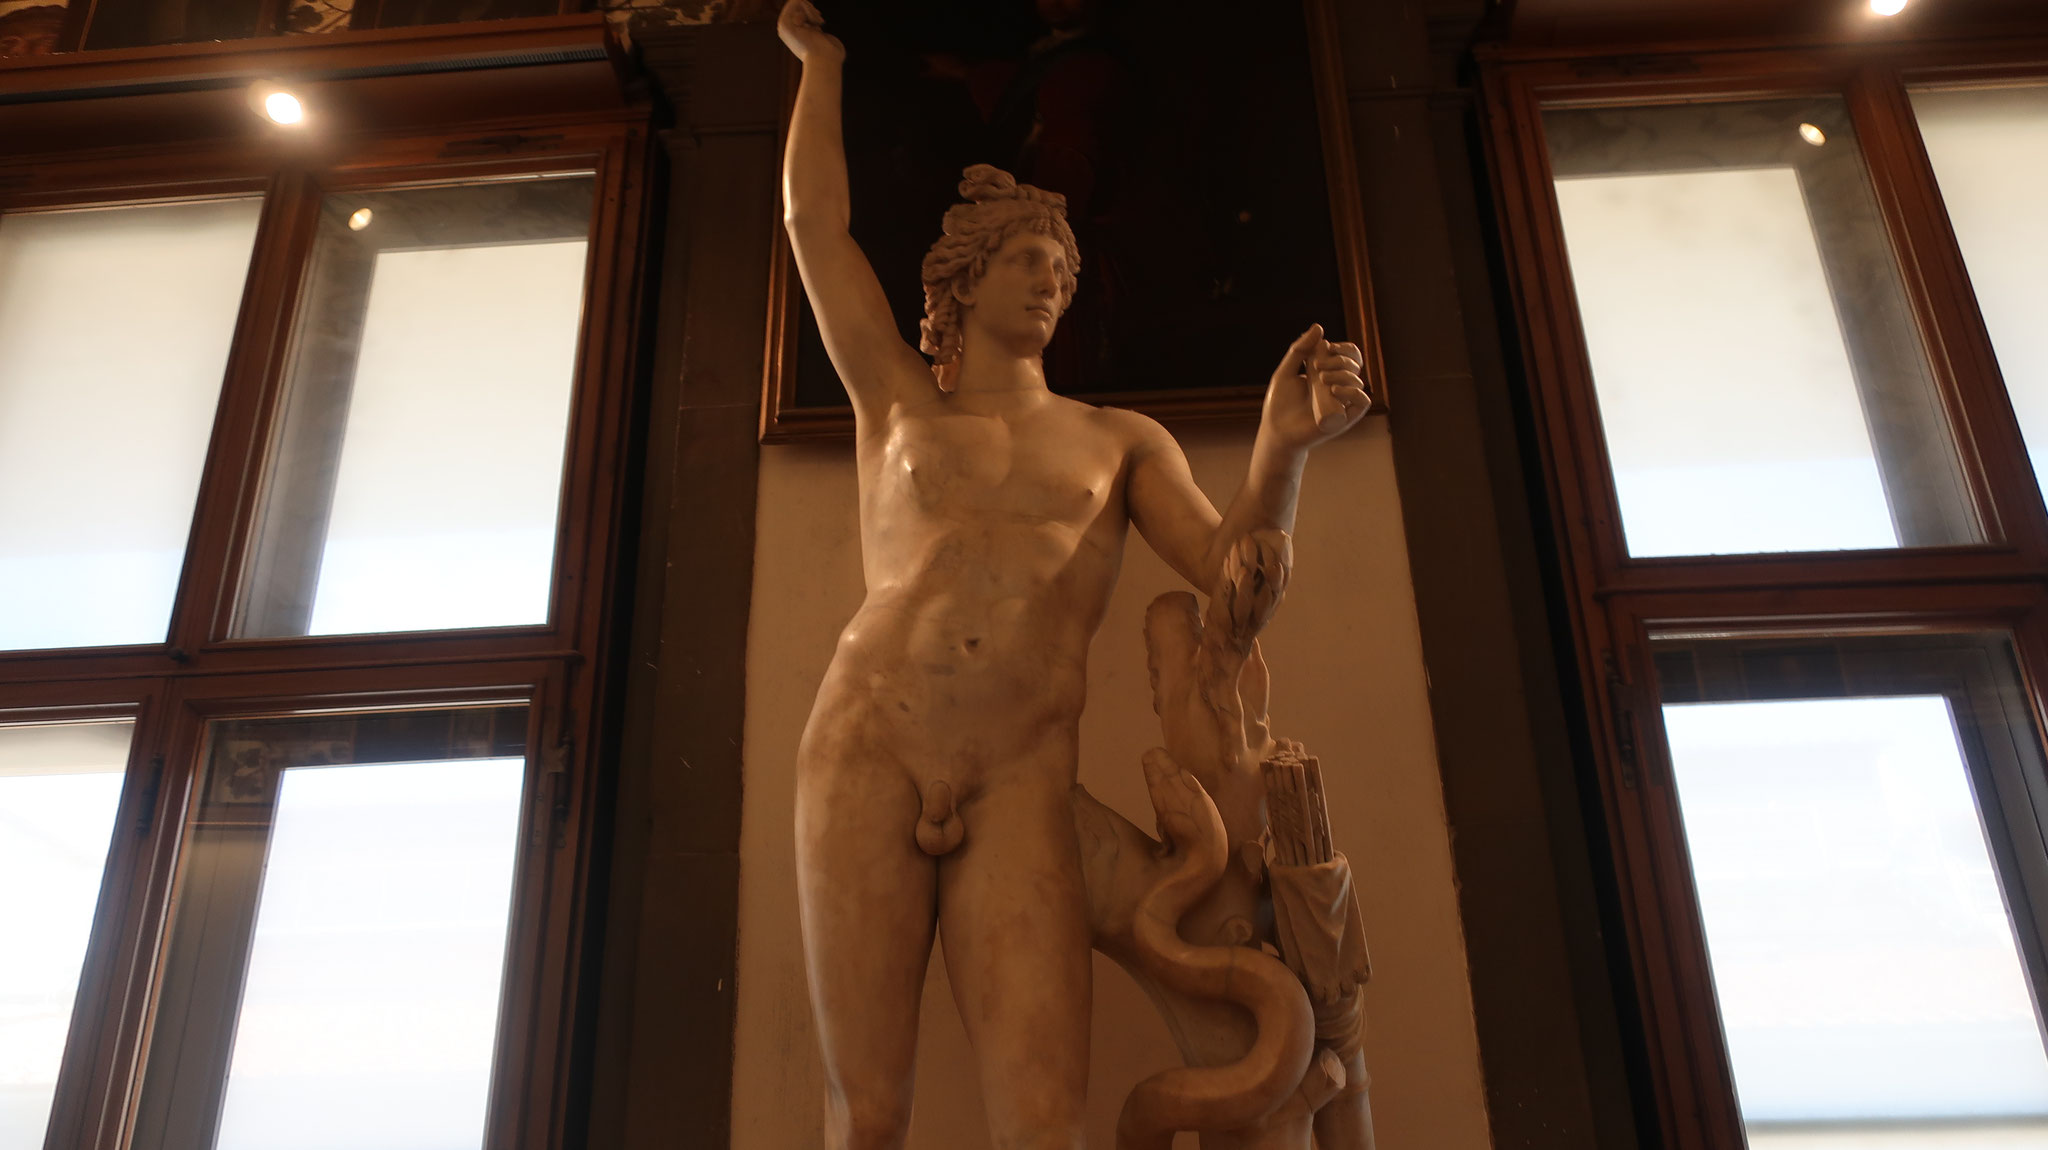 アポロン 。ローマ神話ではヘリオス。ギリシャ神話の「治療の神」 です。蛇は生命のシンボルです。